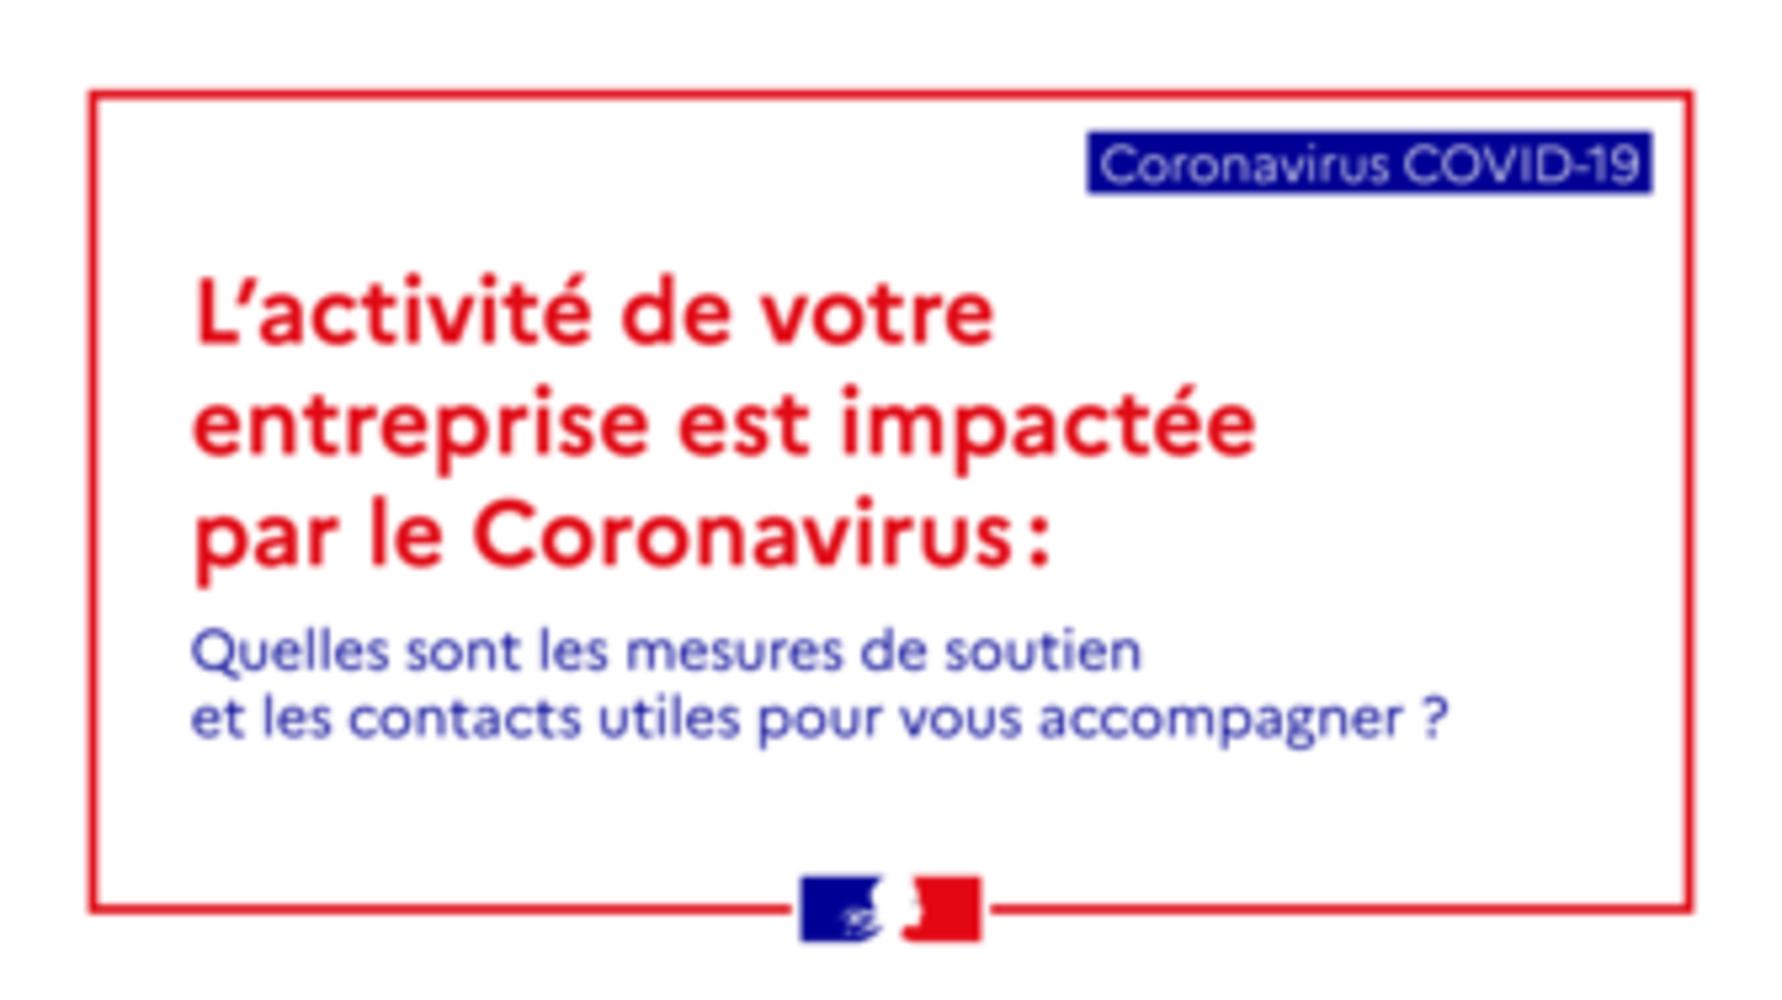 Mesures économiques en faveur des entreprises impactées par le Coronavirus 0